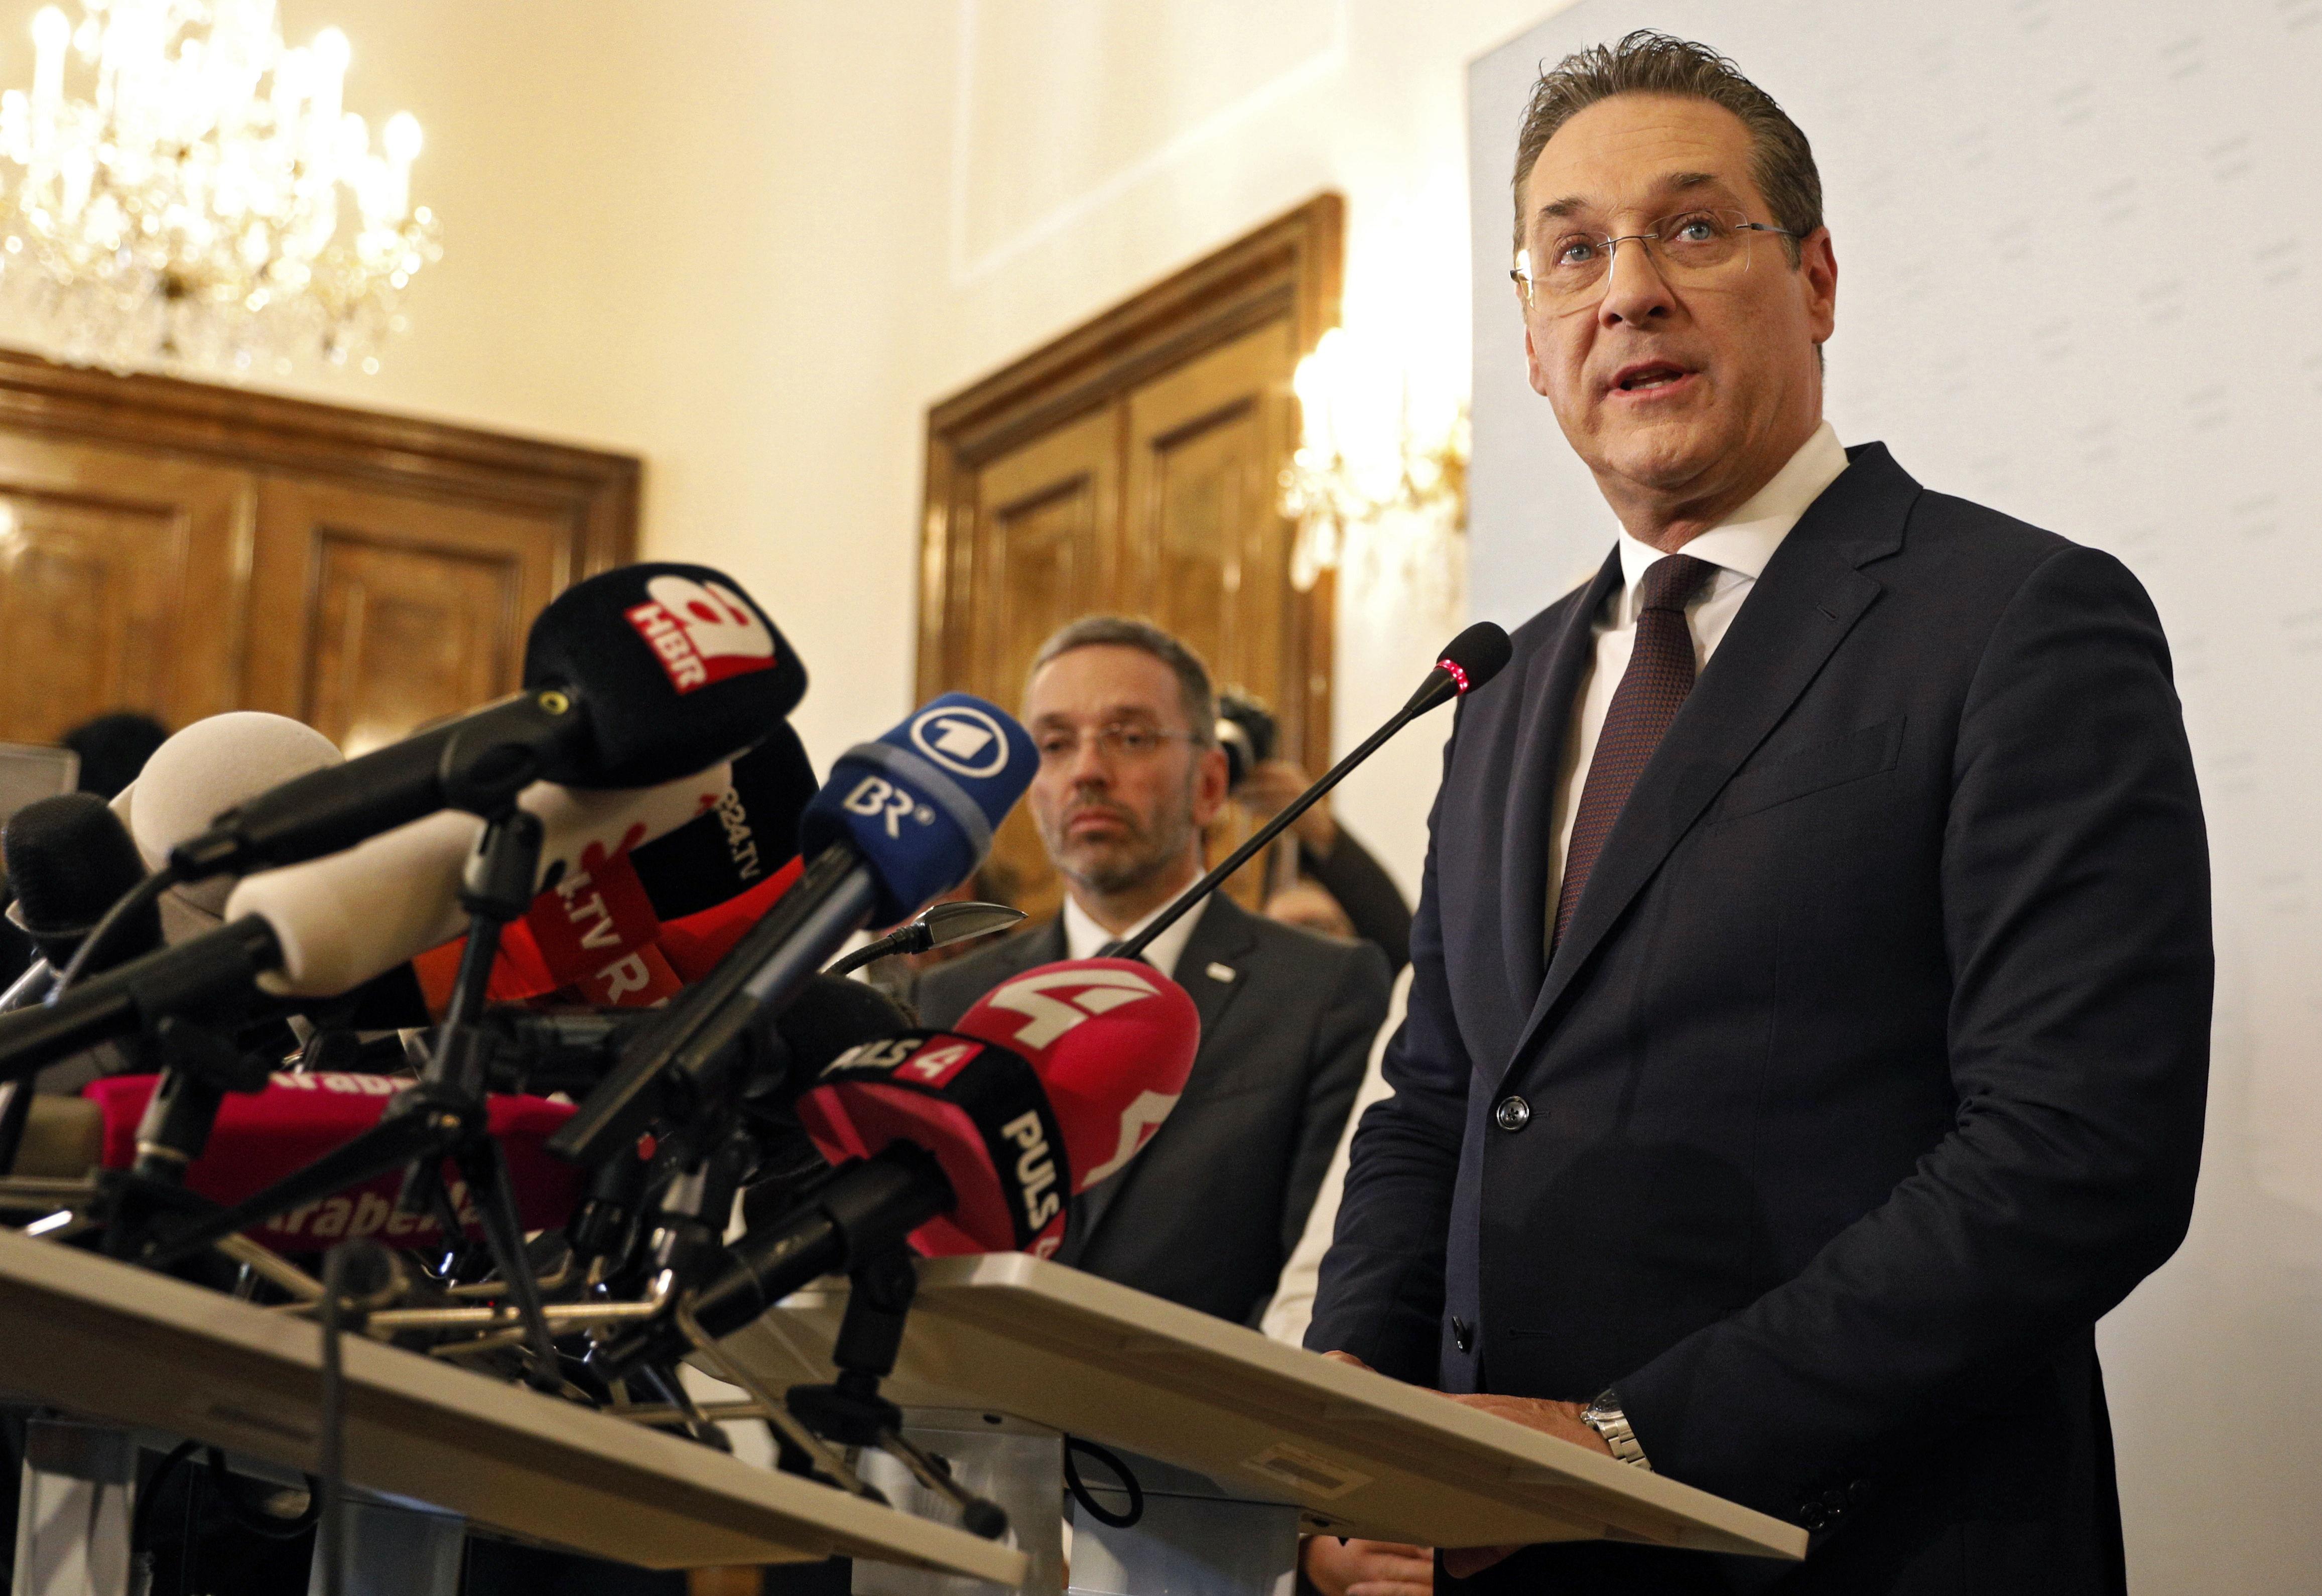 El vicecanciller austriaco Heinz Christian Strache fue delatado por una cámara oculta cuando negociaba prebendas. (Foto Prensa Libre: EFE)